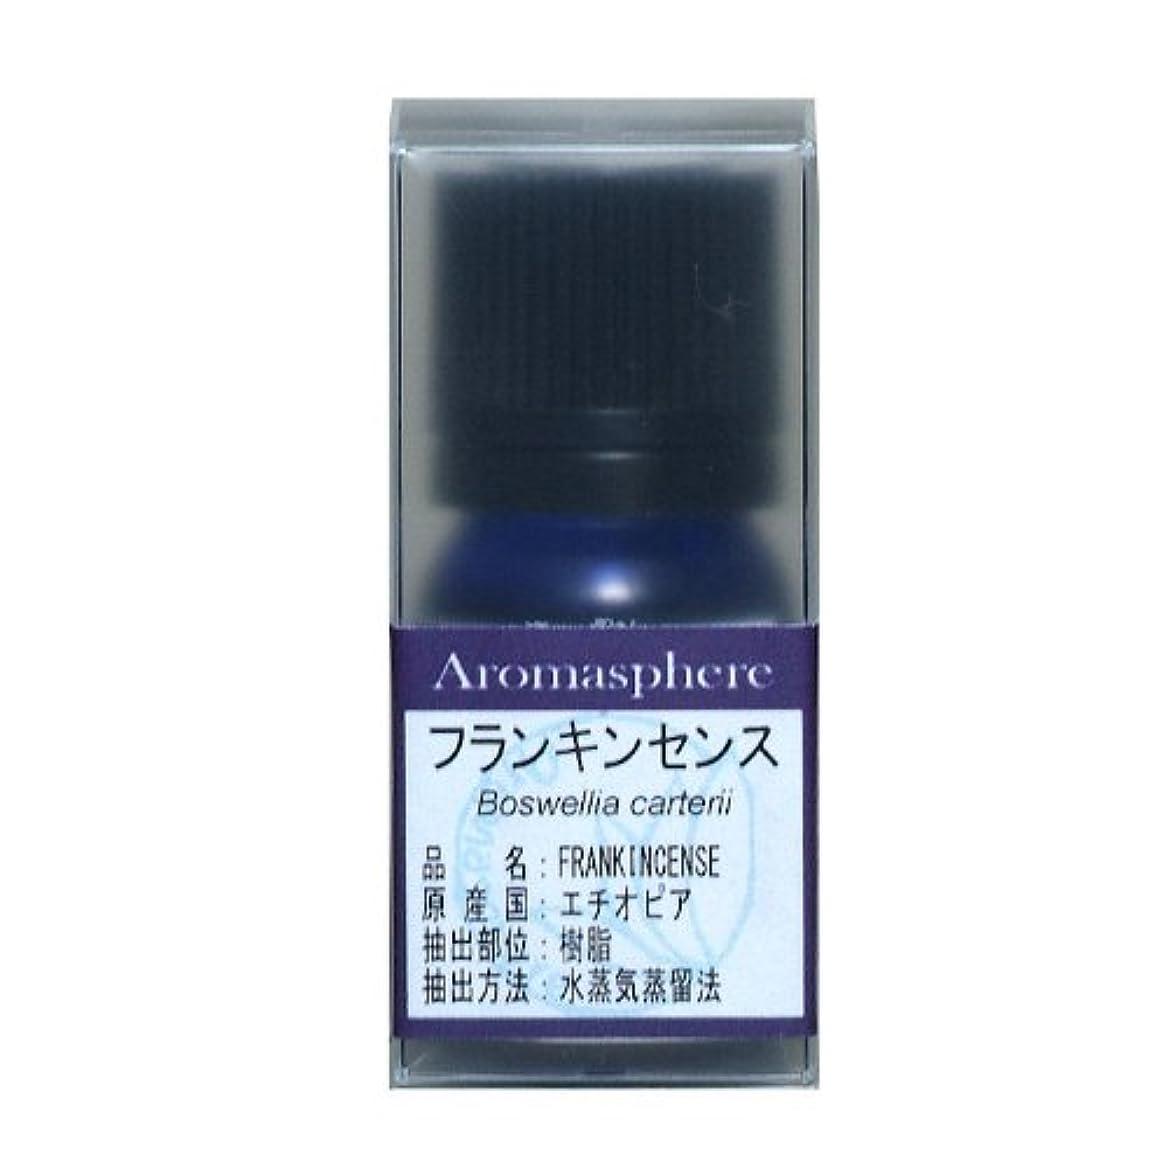 研究アクセシブル夜明け【アロマスフィア】フランキンセンス 5ml エッセンシャルオイル(精油)